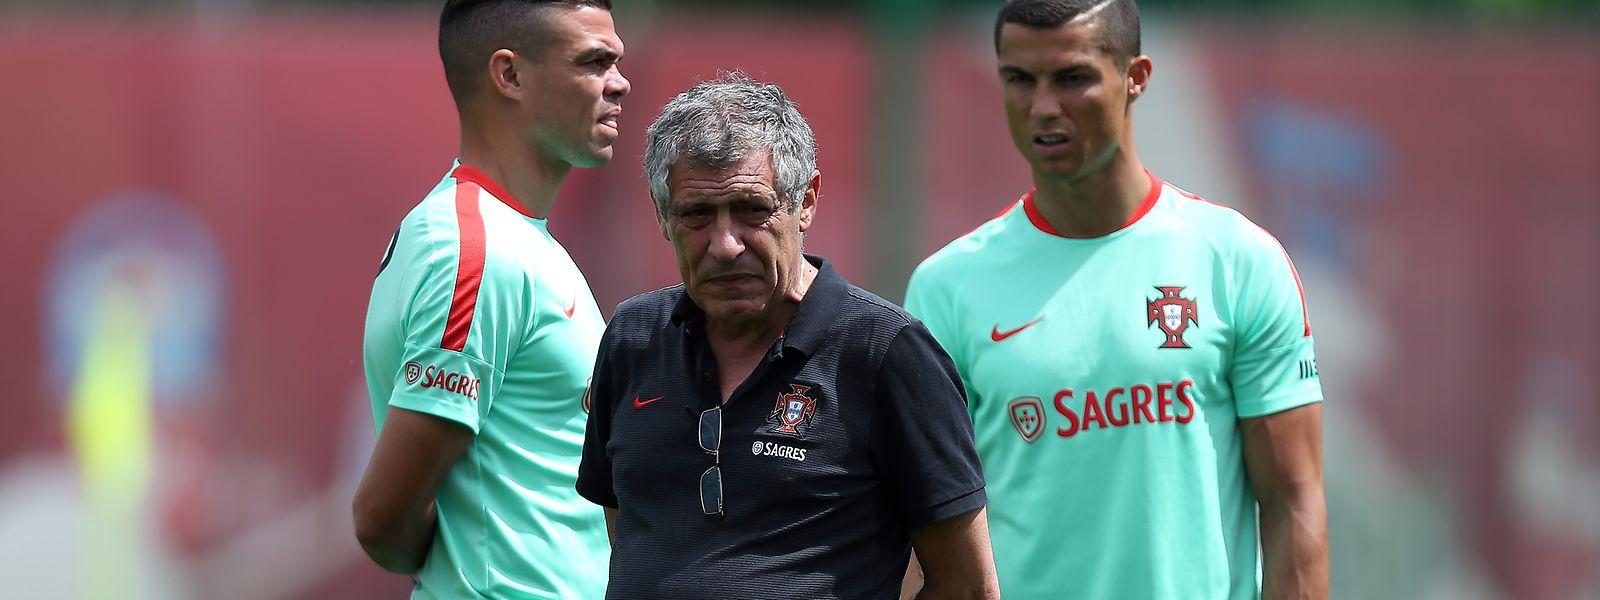 Fernando Santos quer levar Portugal à vitória na Taça das Confederações